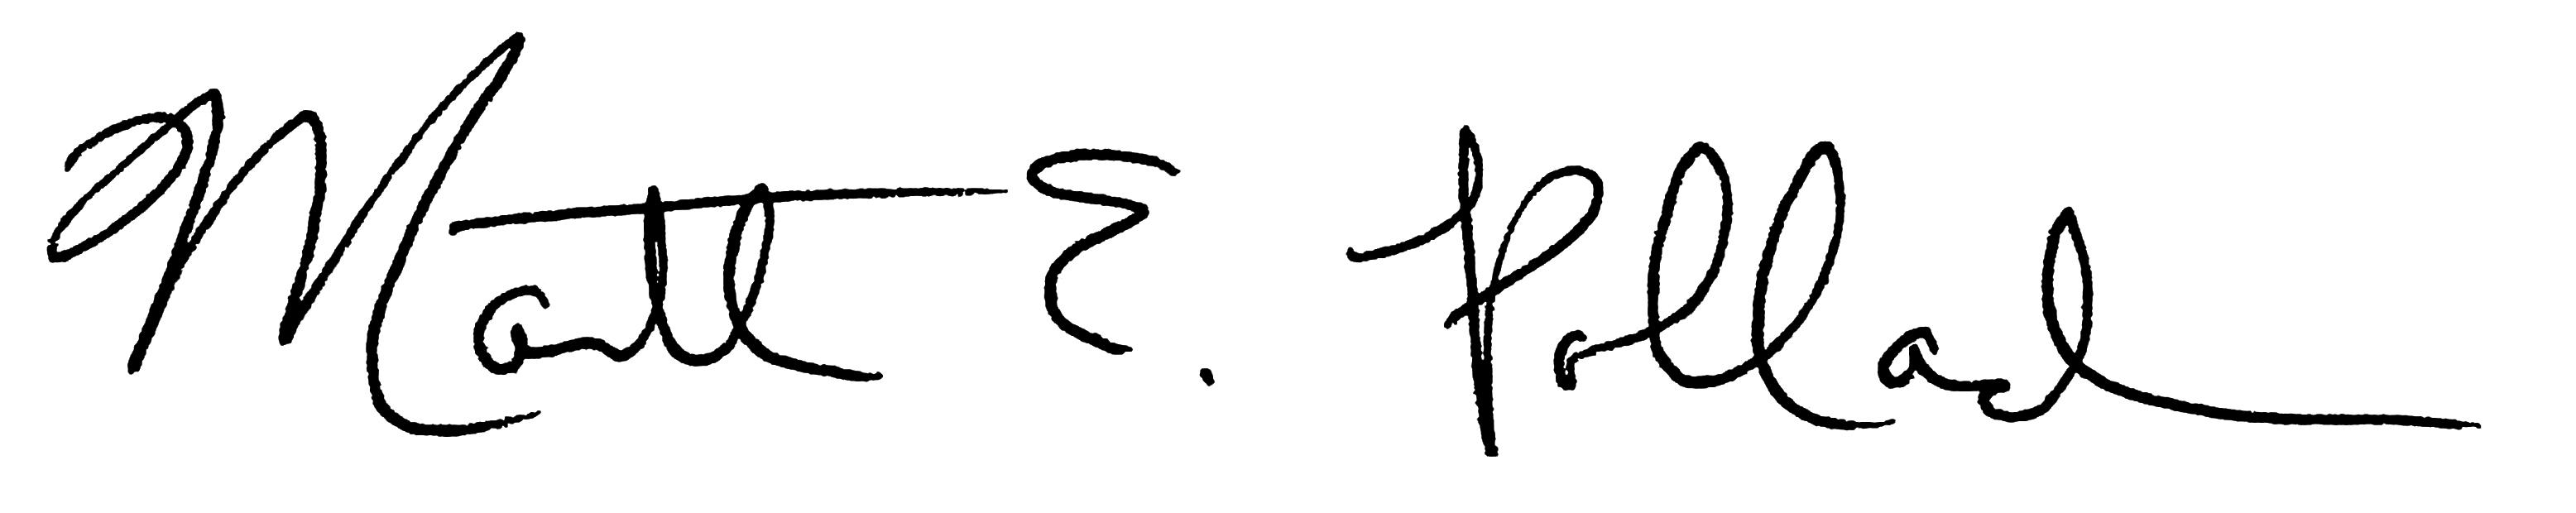 Martha Pollack Signature